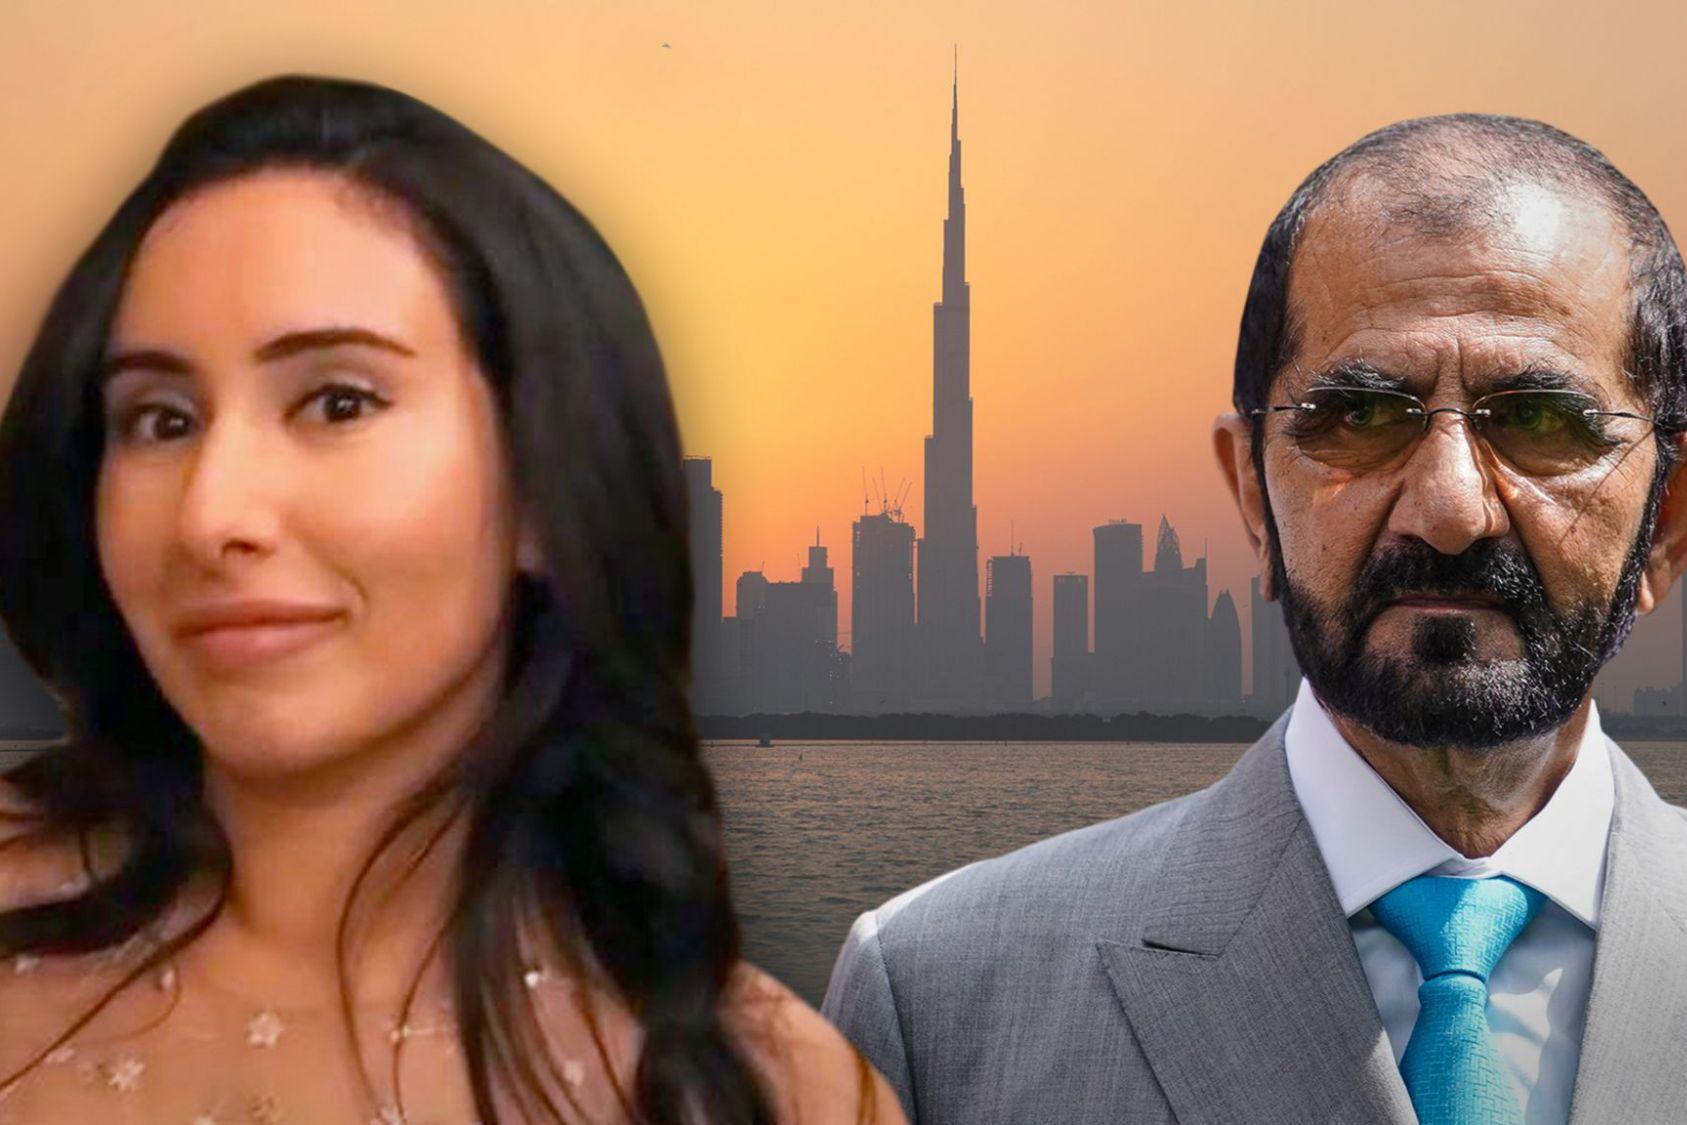 迪拜失踪公主最新曝光!被父王绑架囚禁3年,遭暴揍下药生不如死